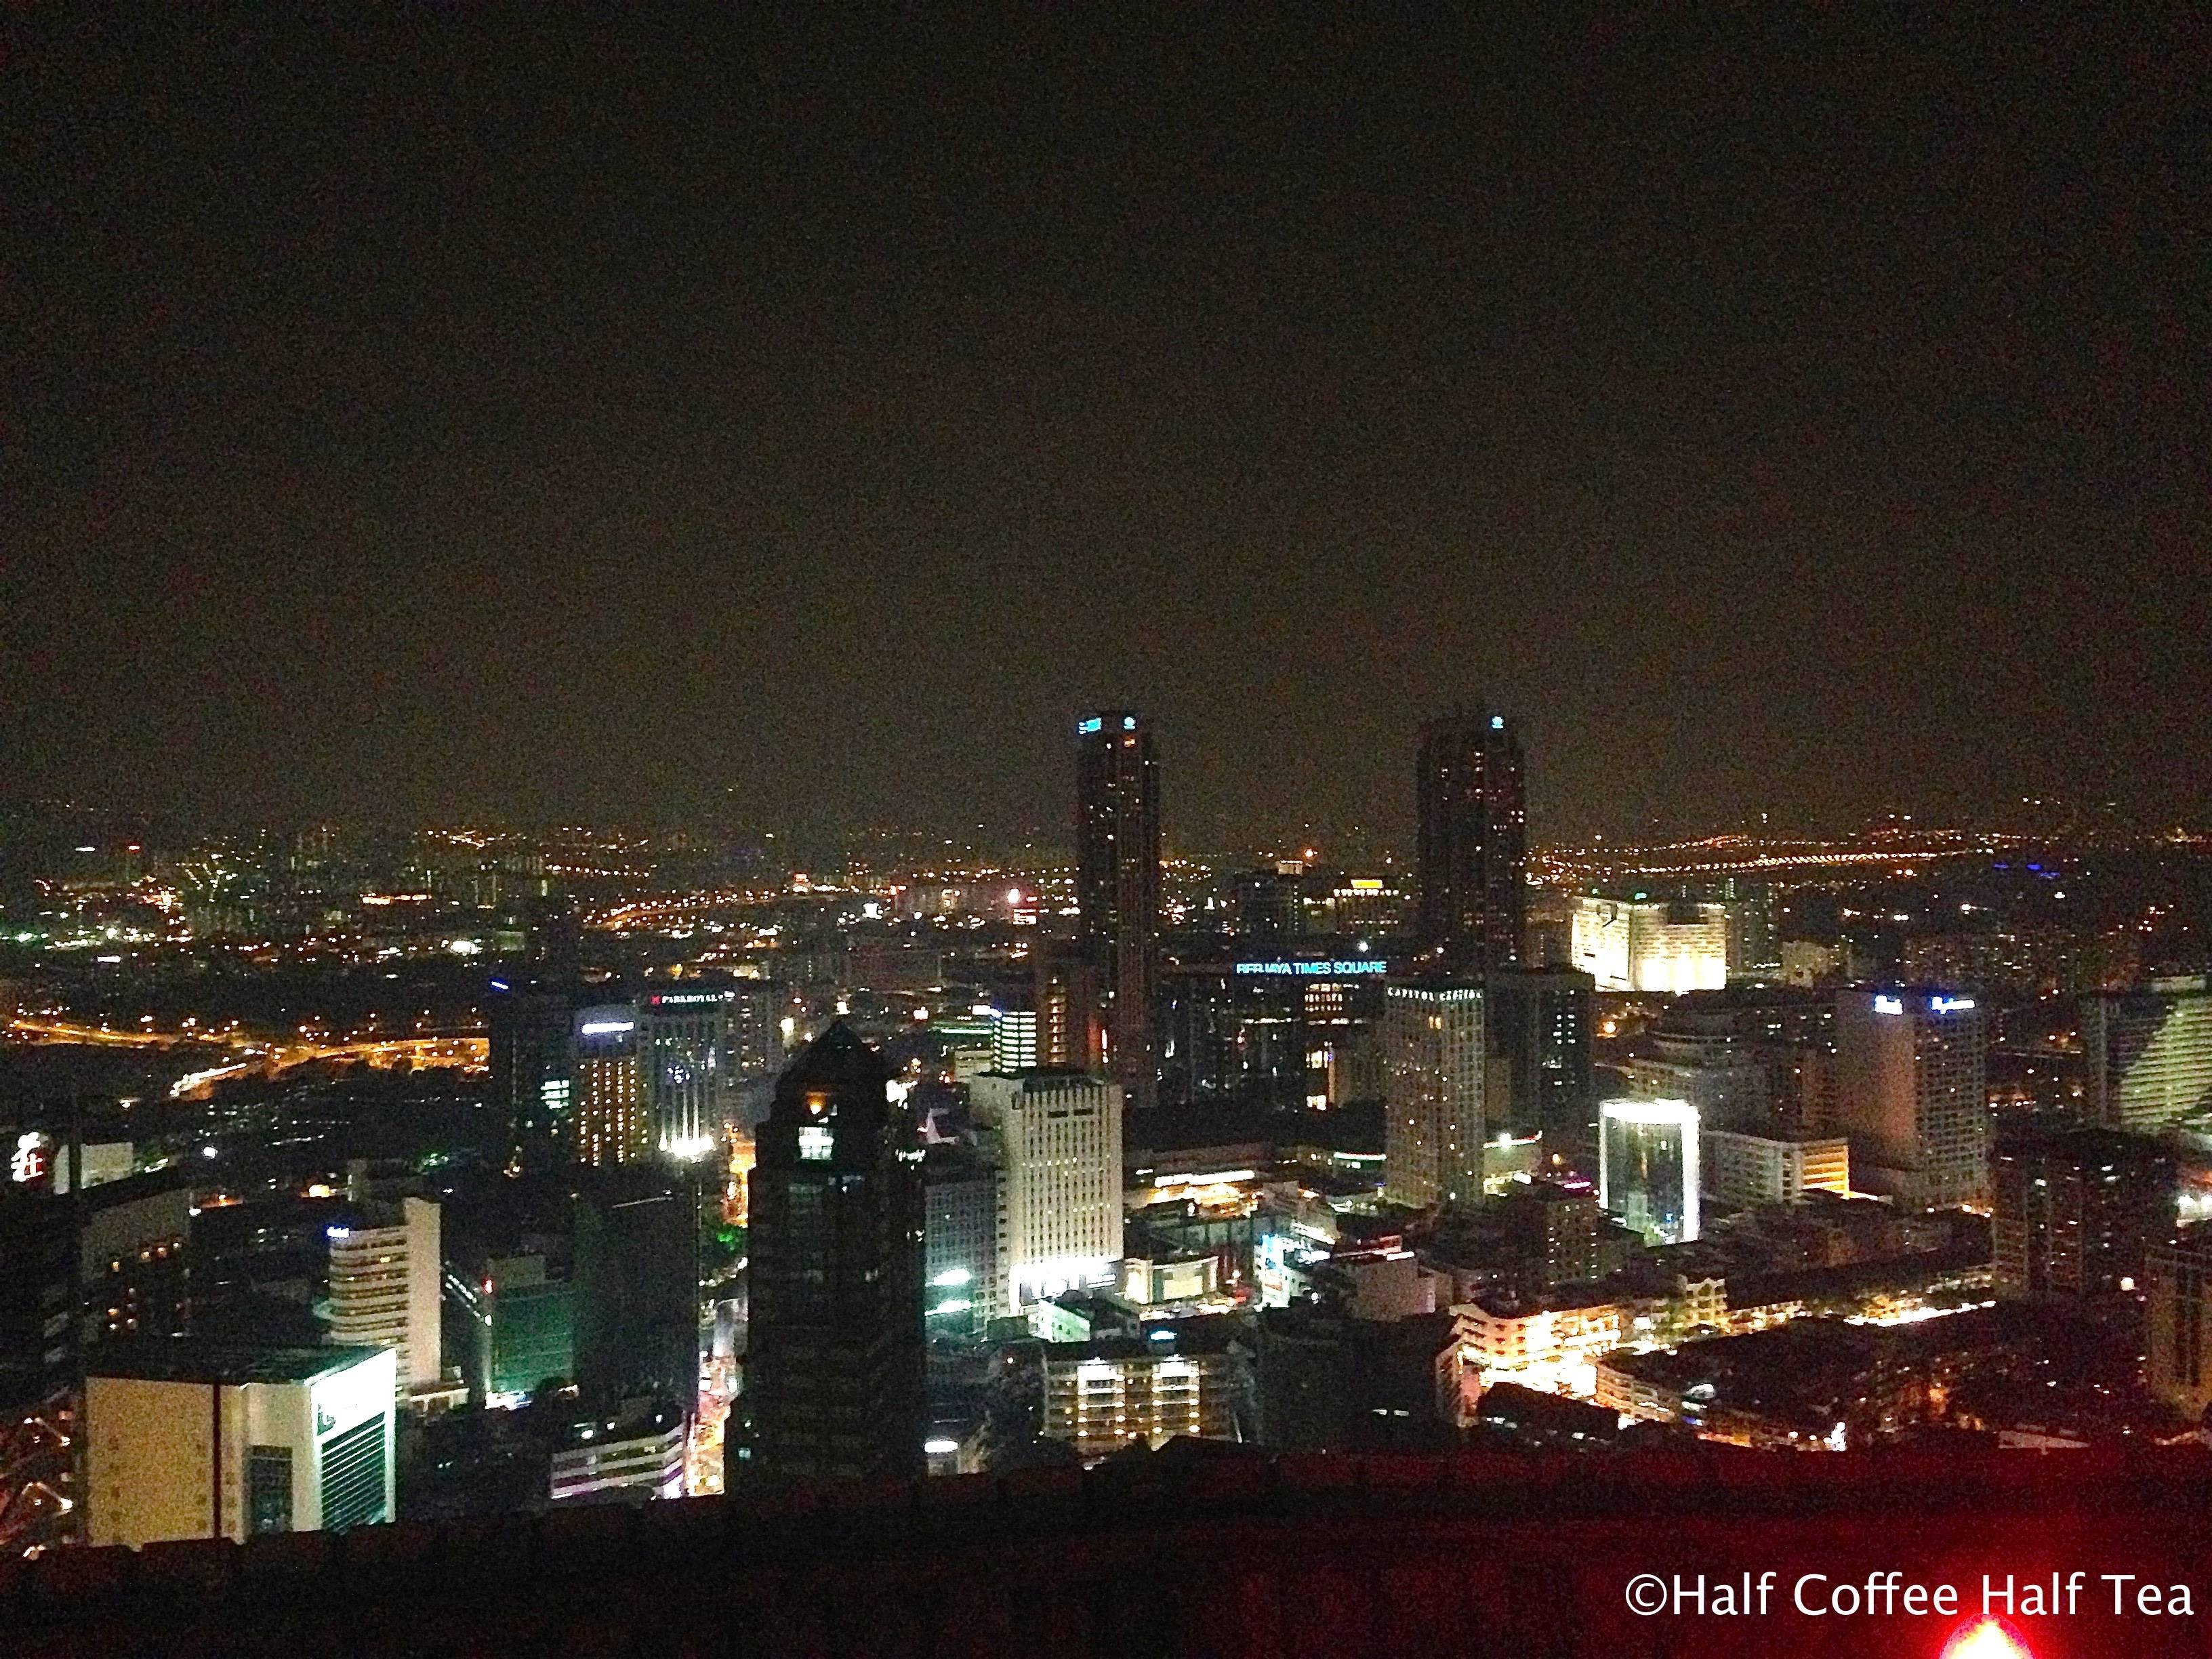 Photo 3: Kuala Lumpur à 360°